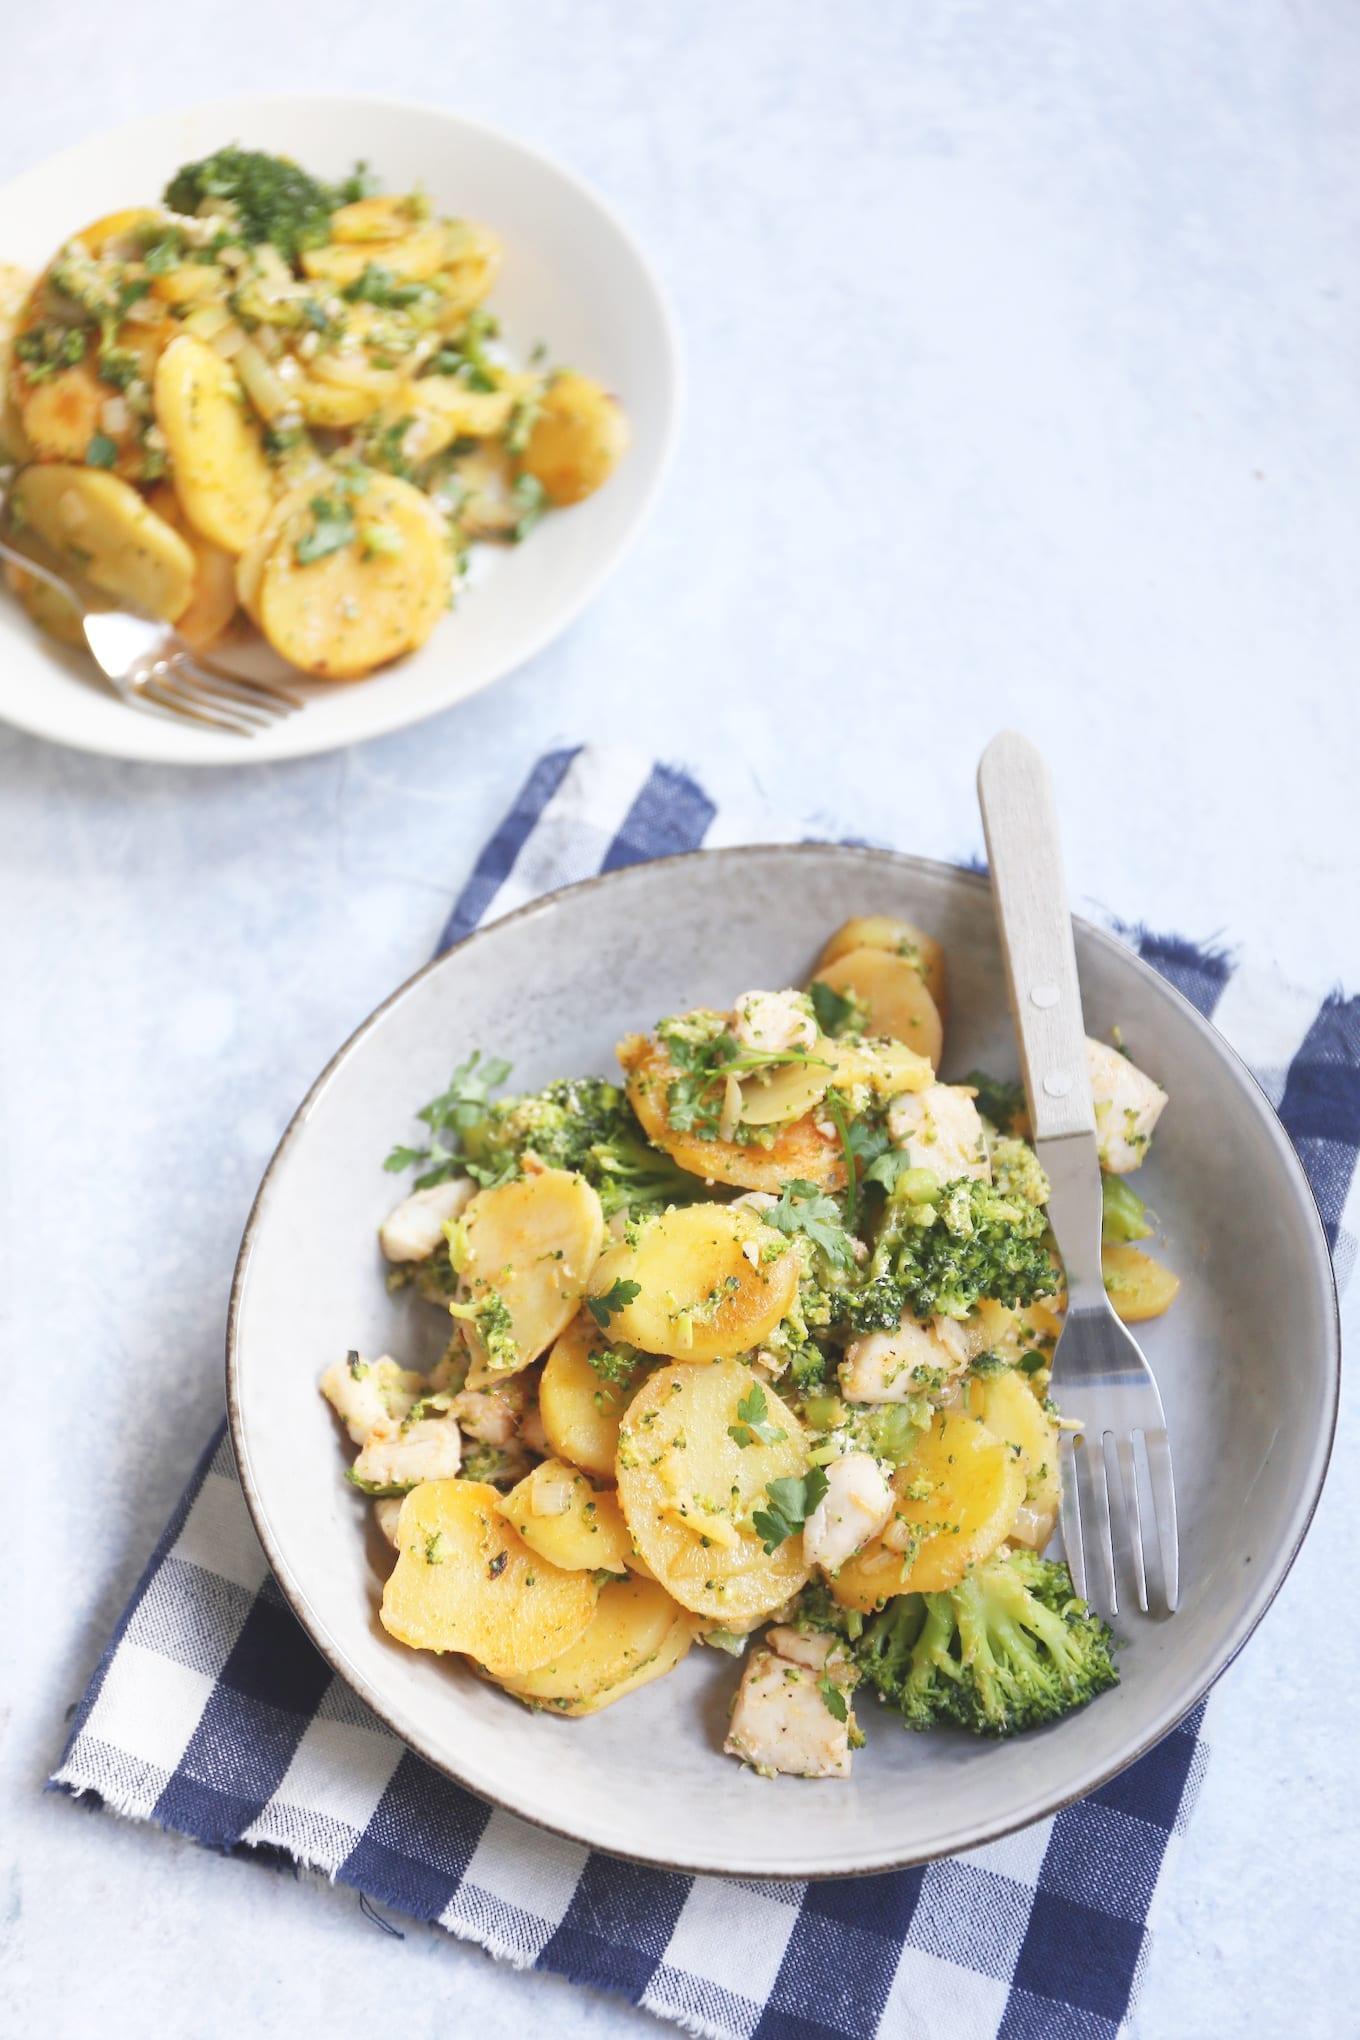 Aardappelschotel met broccoli en vis